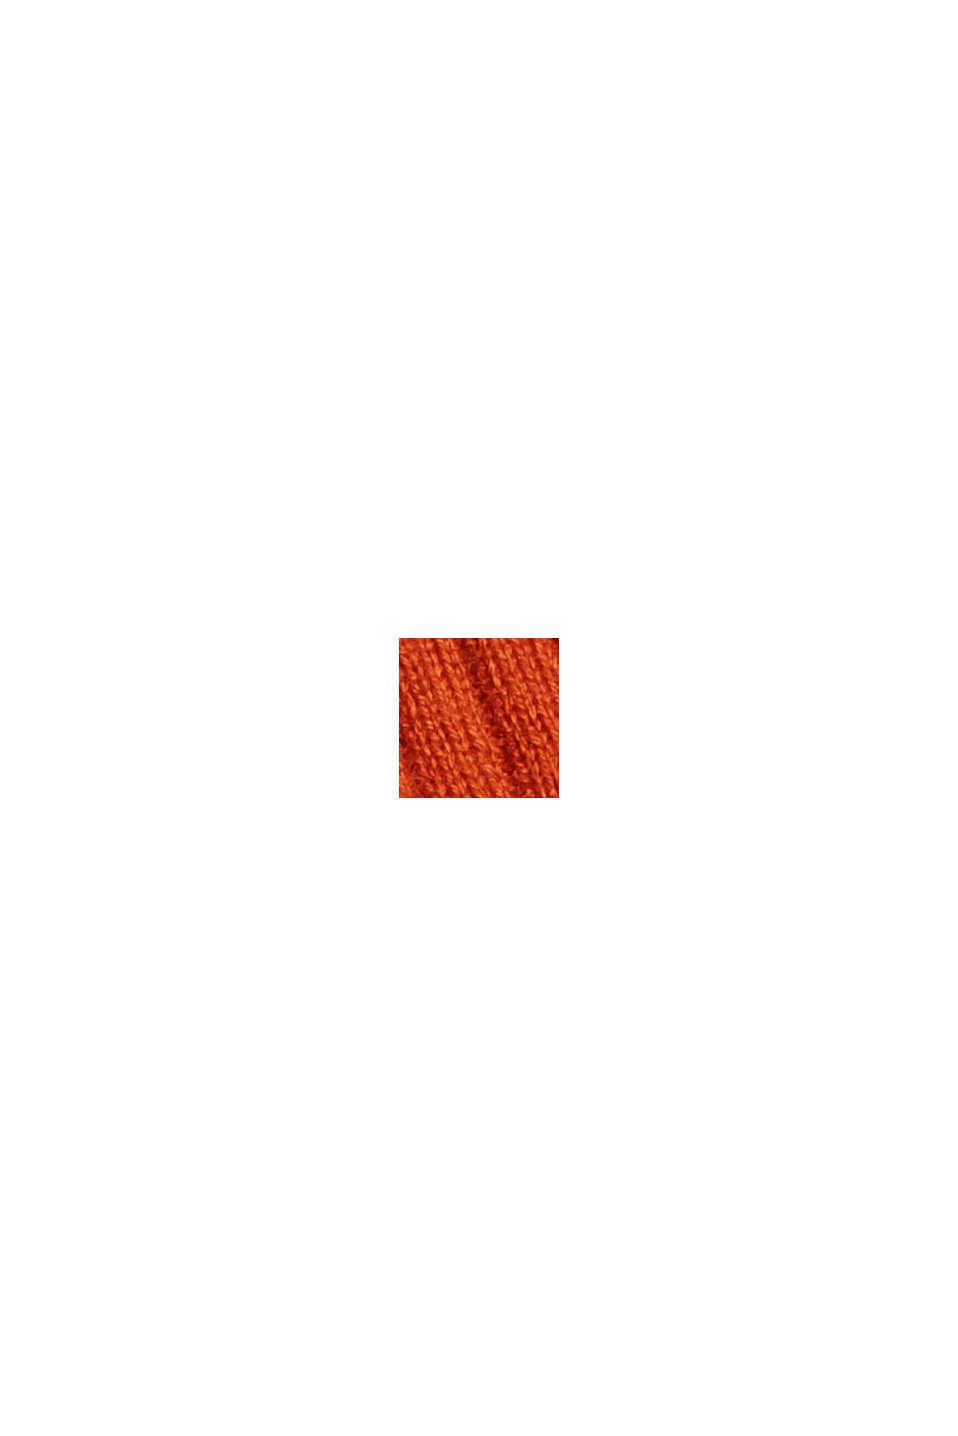 Wool blend: Textured, short-sleeved jumper, TERRACOTTA, swatch